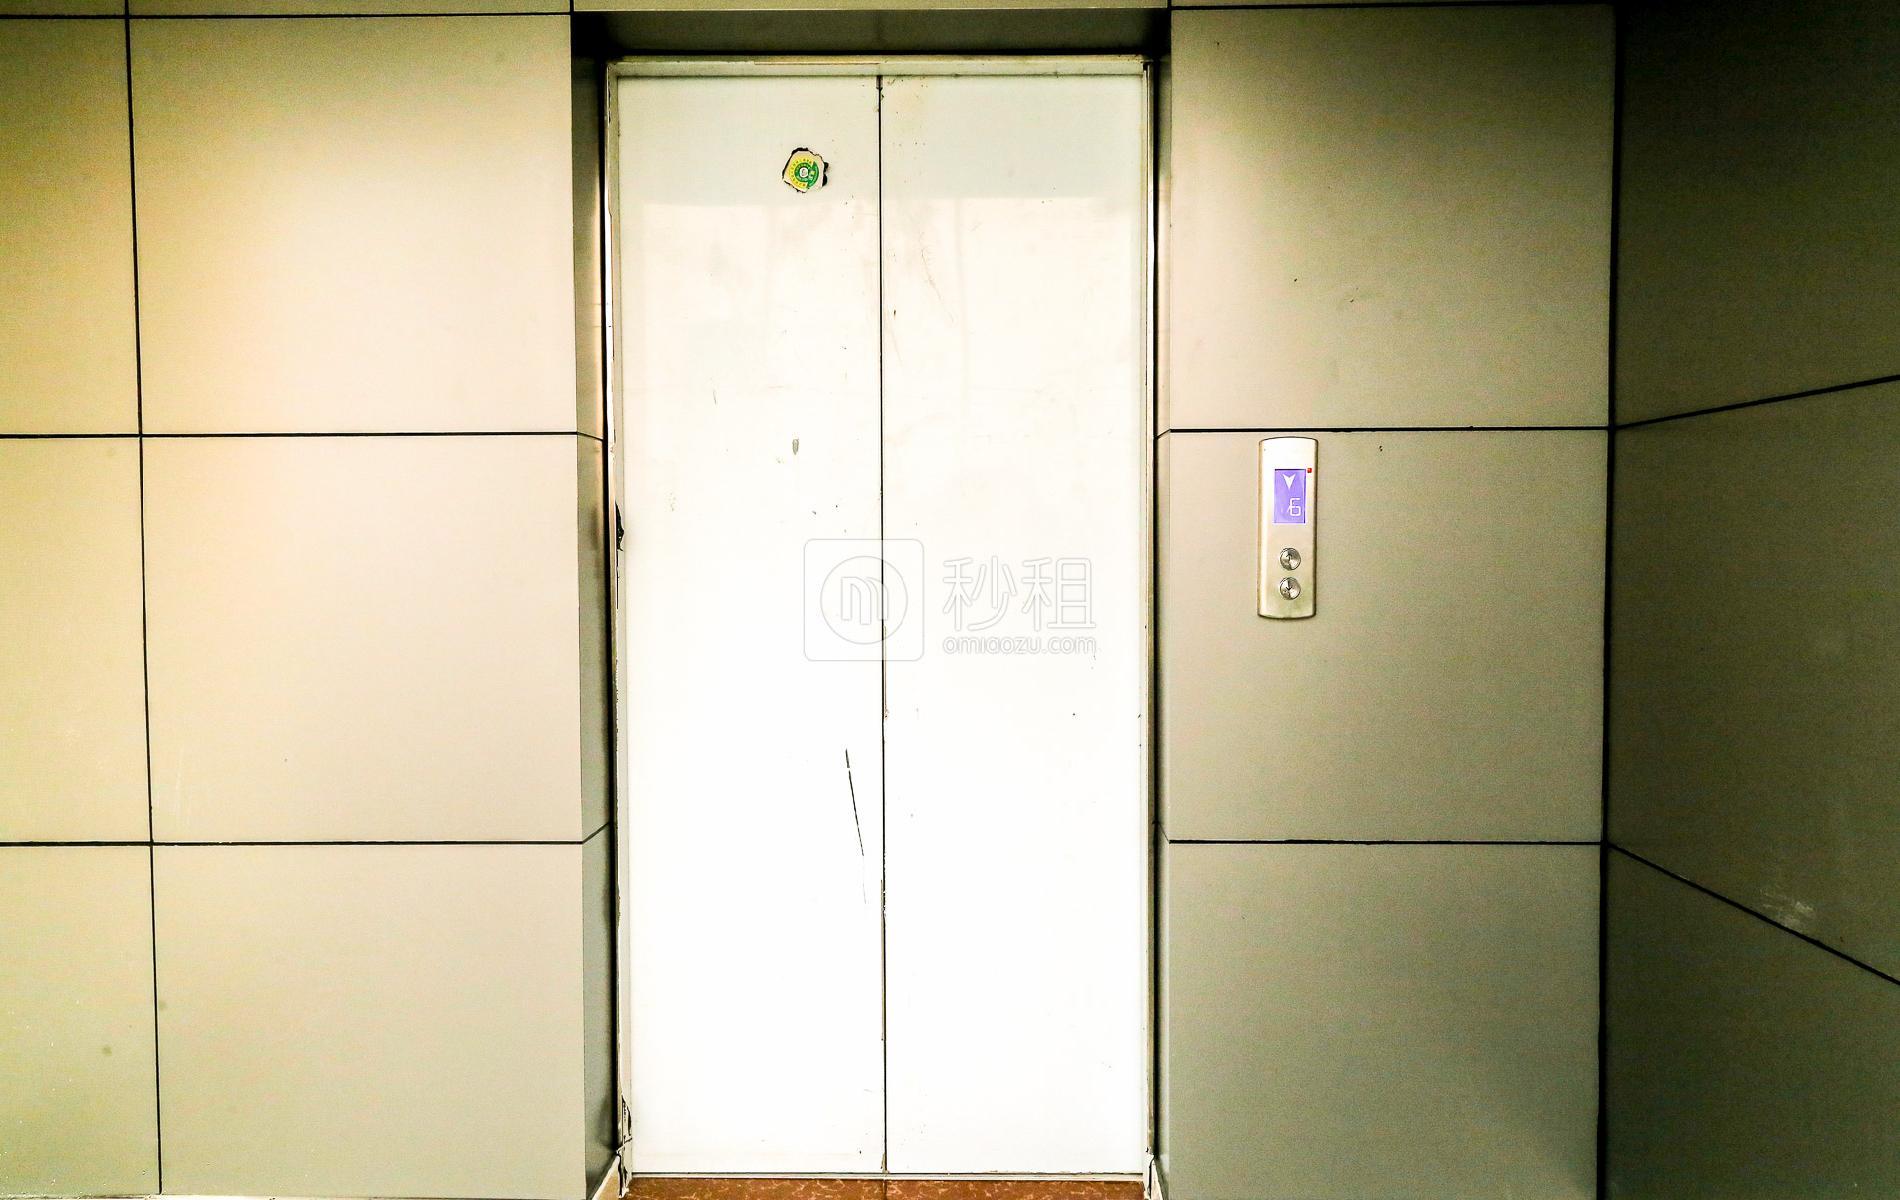 大浪商业中心32栋写字楼出租/招租/租赁,大浪商业中心32栋办公室出租/招租/租赁